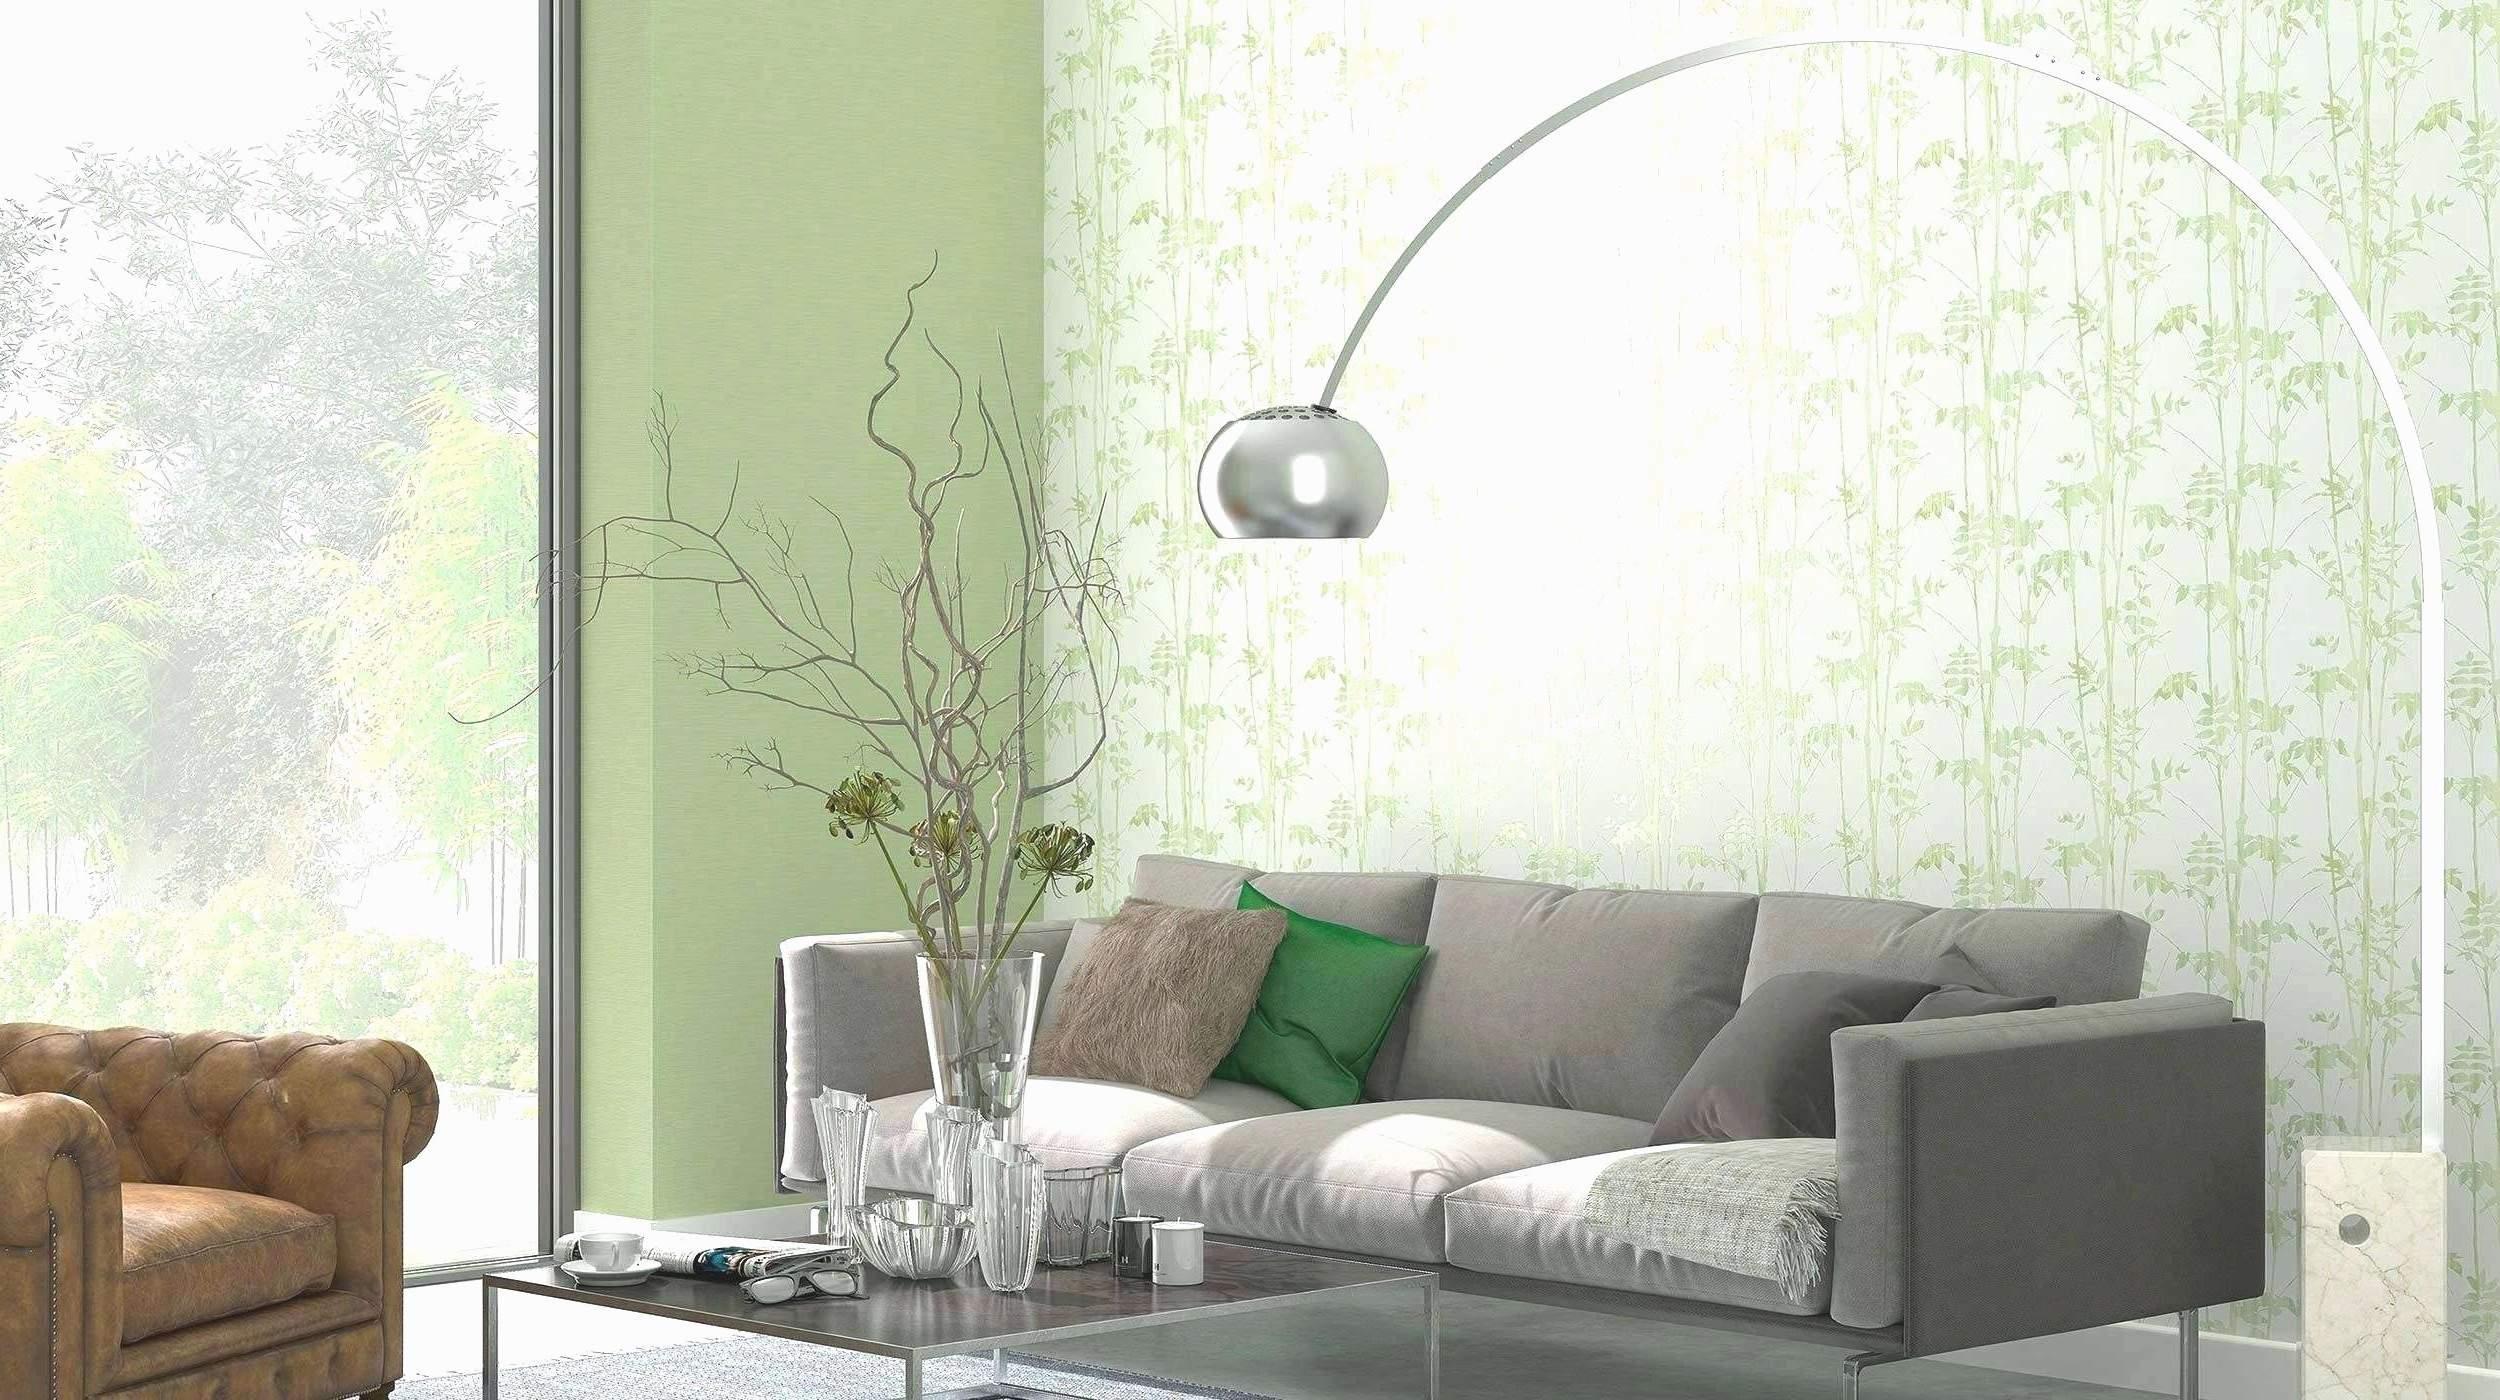 wohnzimmer deko online shop einzigartig wanddeko ideen wohnzimmer design sie mussen sehen of wohnzimmer deko online shop